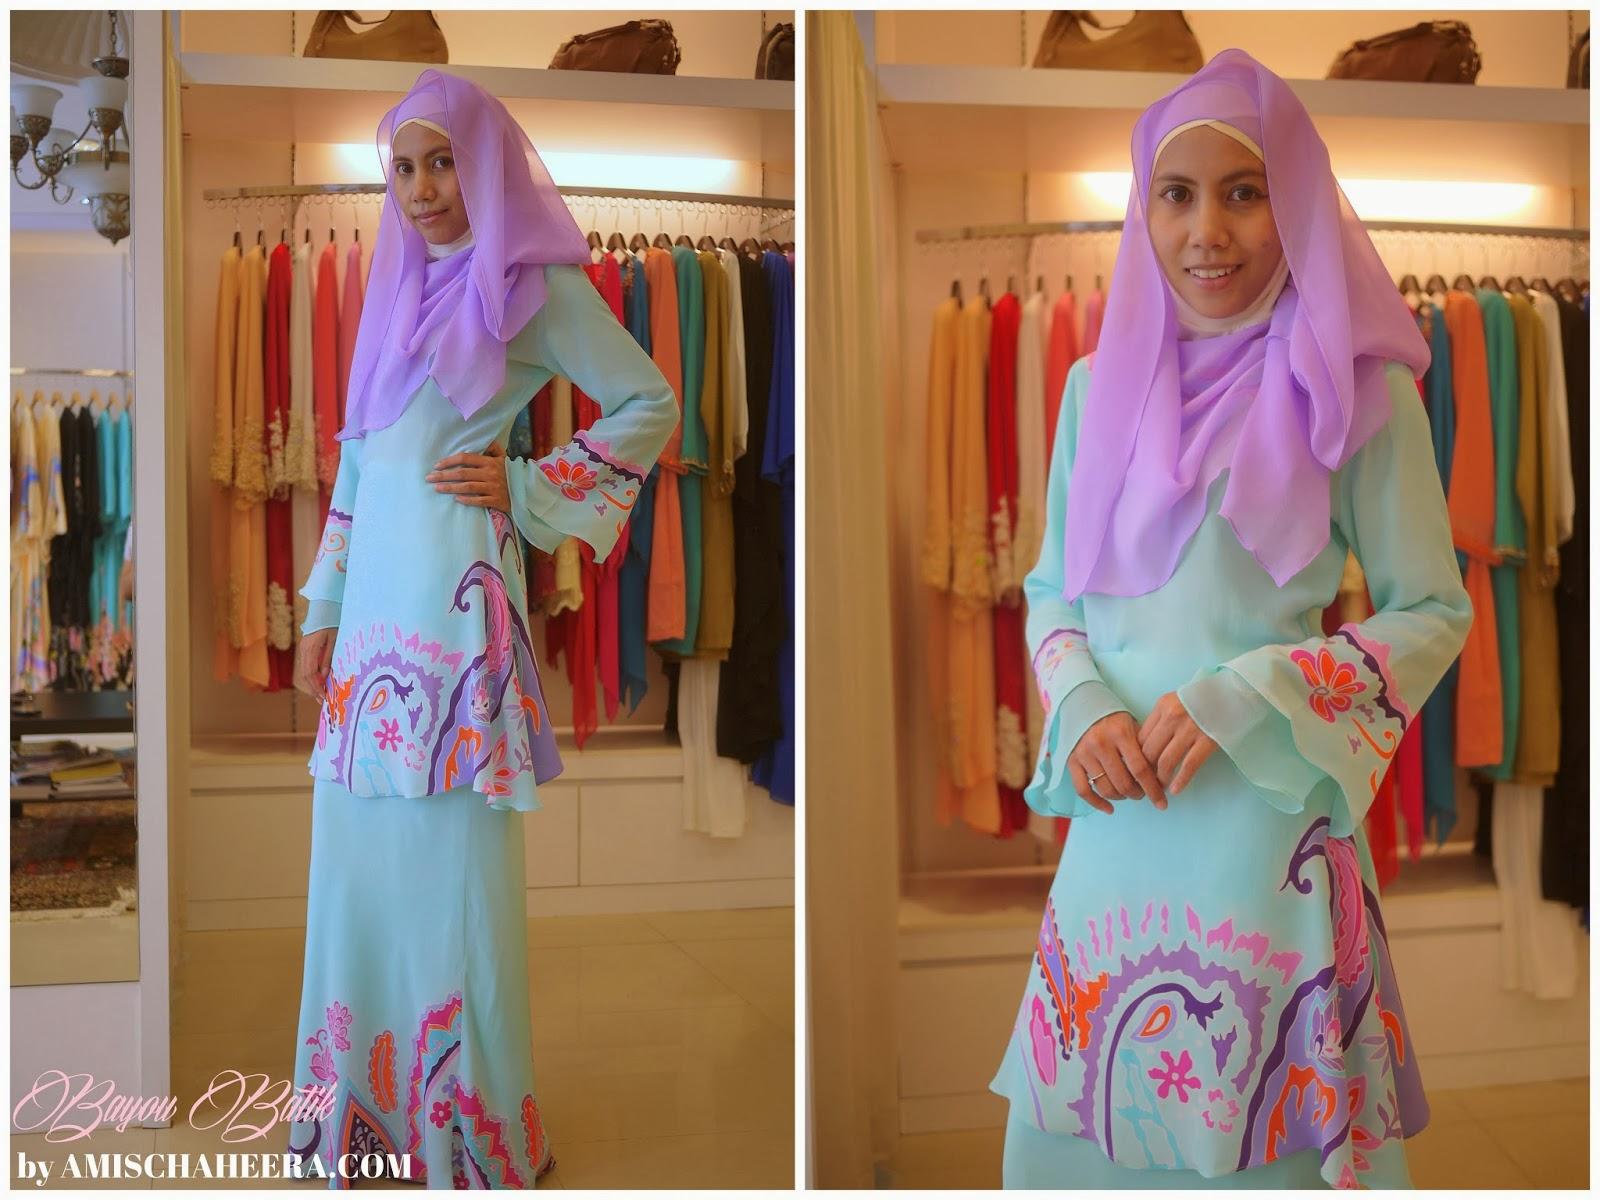 Quickly I asked Puan Hazlina to show me fesyen baju kurung moden kain batik terkini